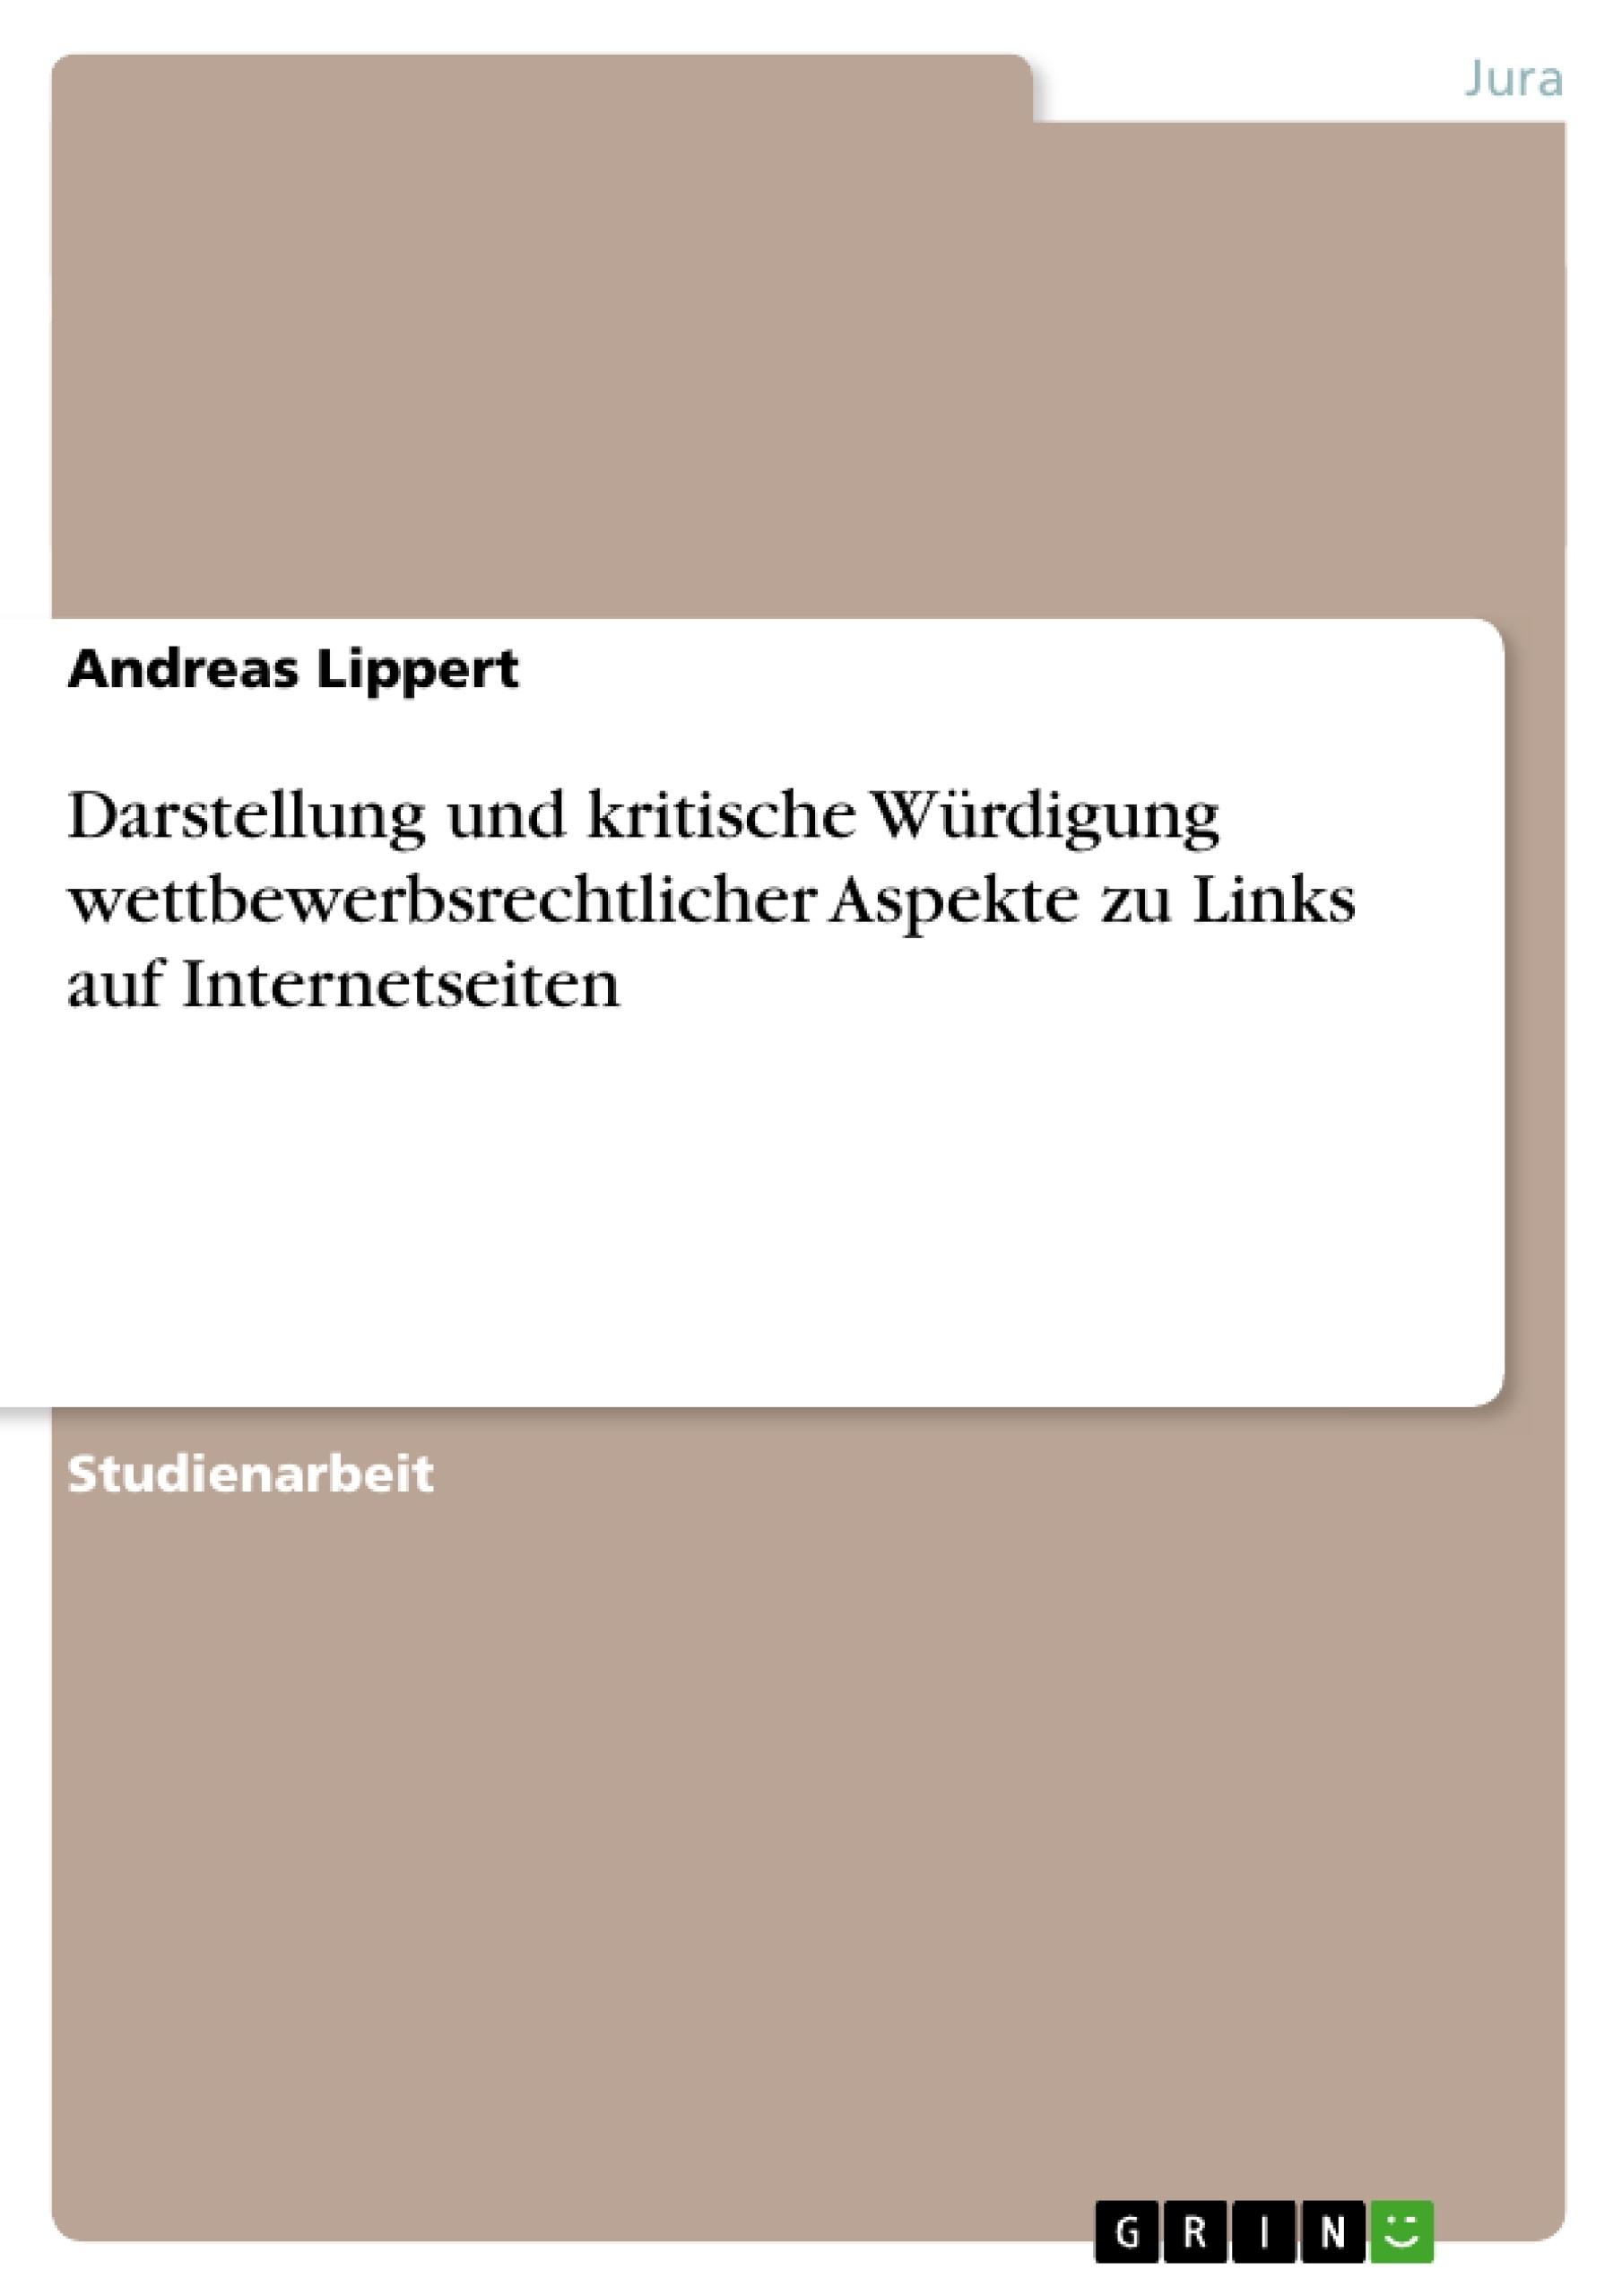 Titel: Darstellung und kritische Würdigung wettbewerbsrechtlicher Aspekte zu Links auf Internetseiten